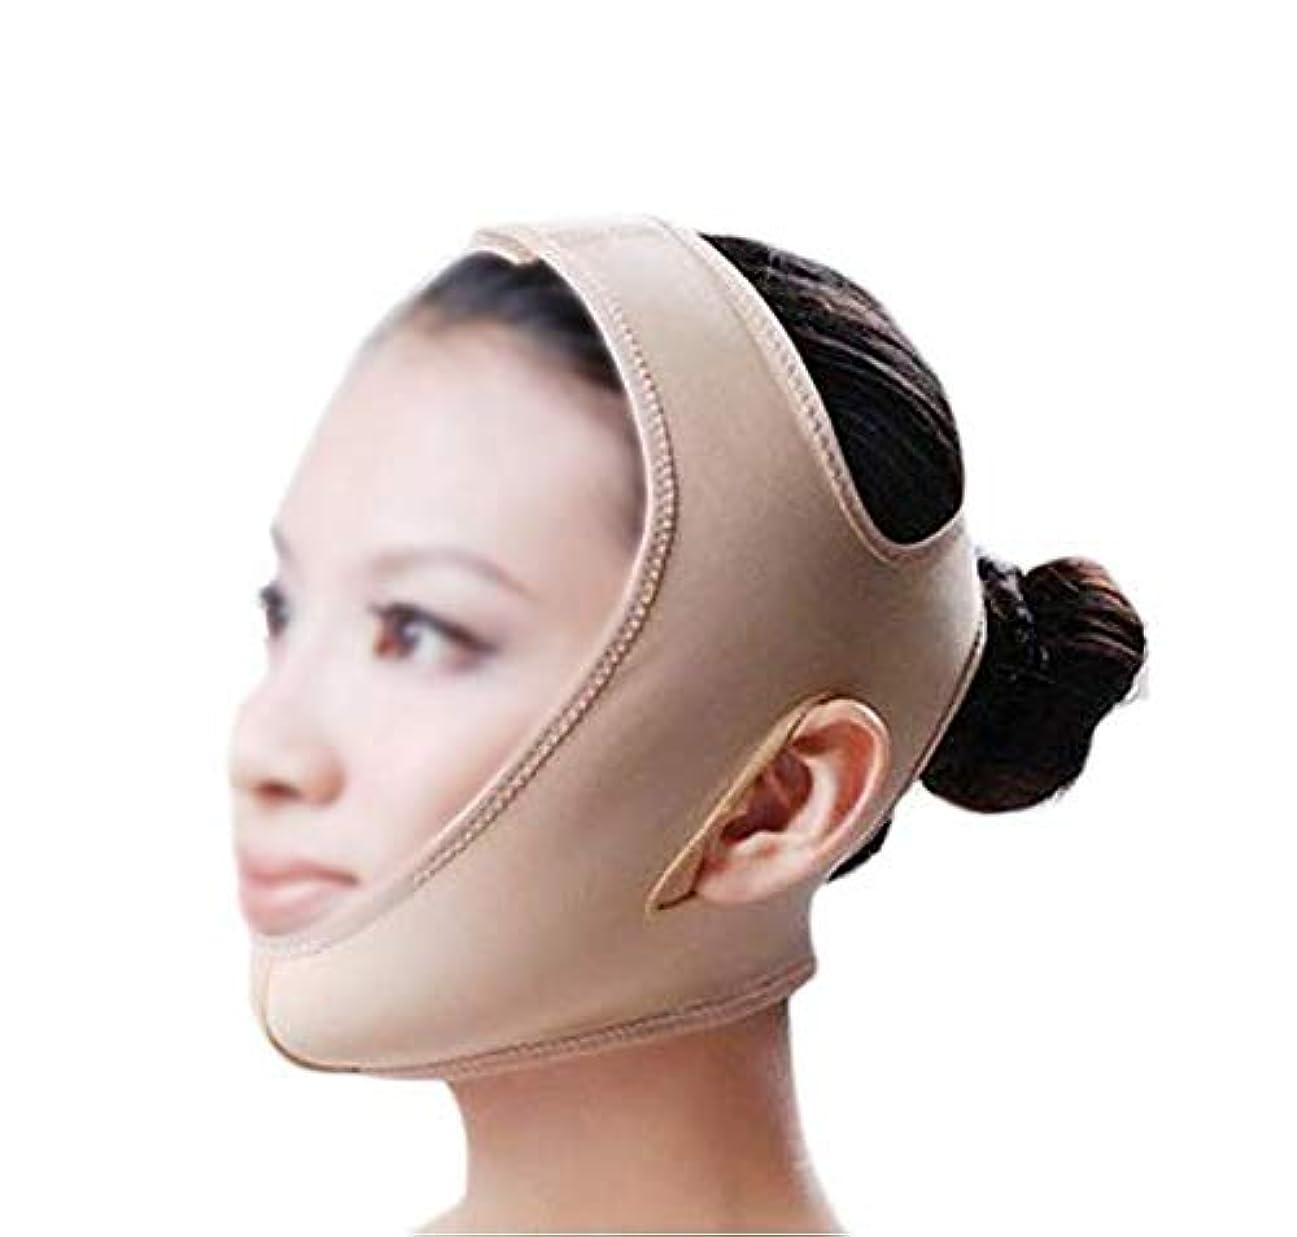 コンプリート近傍行商人GLJJQMY 引き締めマスクマスクフェイシャルマスク美容薬マスク美容V顔包帯ライン彫刻引き締めしっかりした二重あごマスク 顔用整形マスク (Size : M)